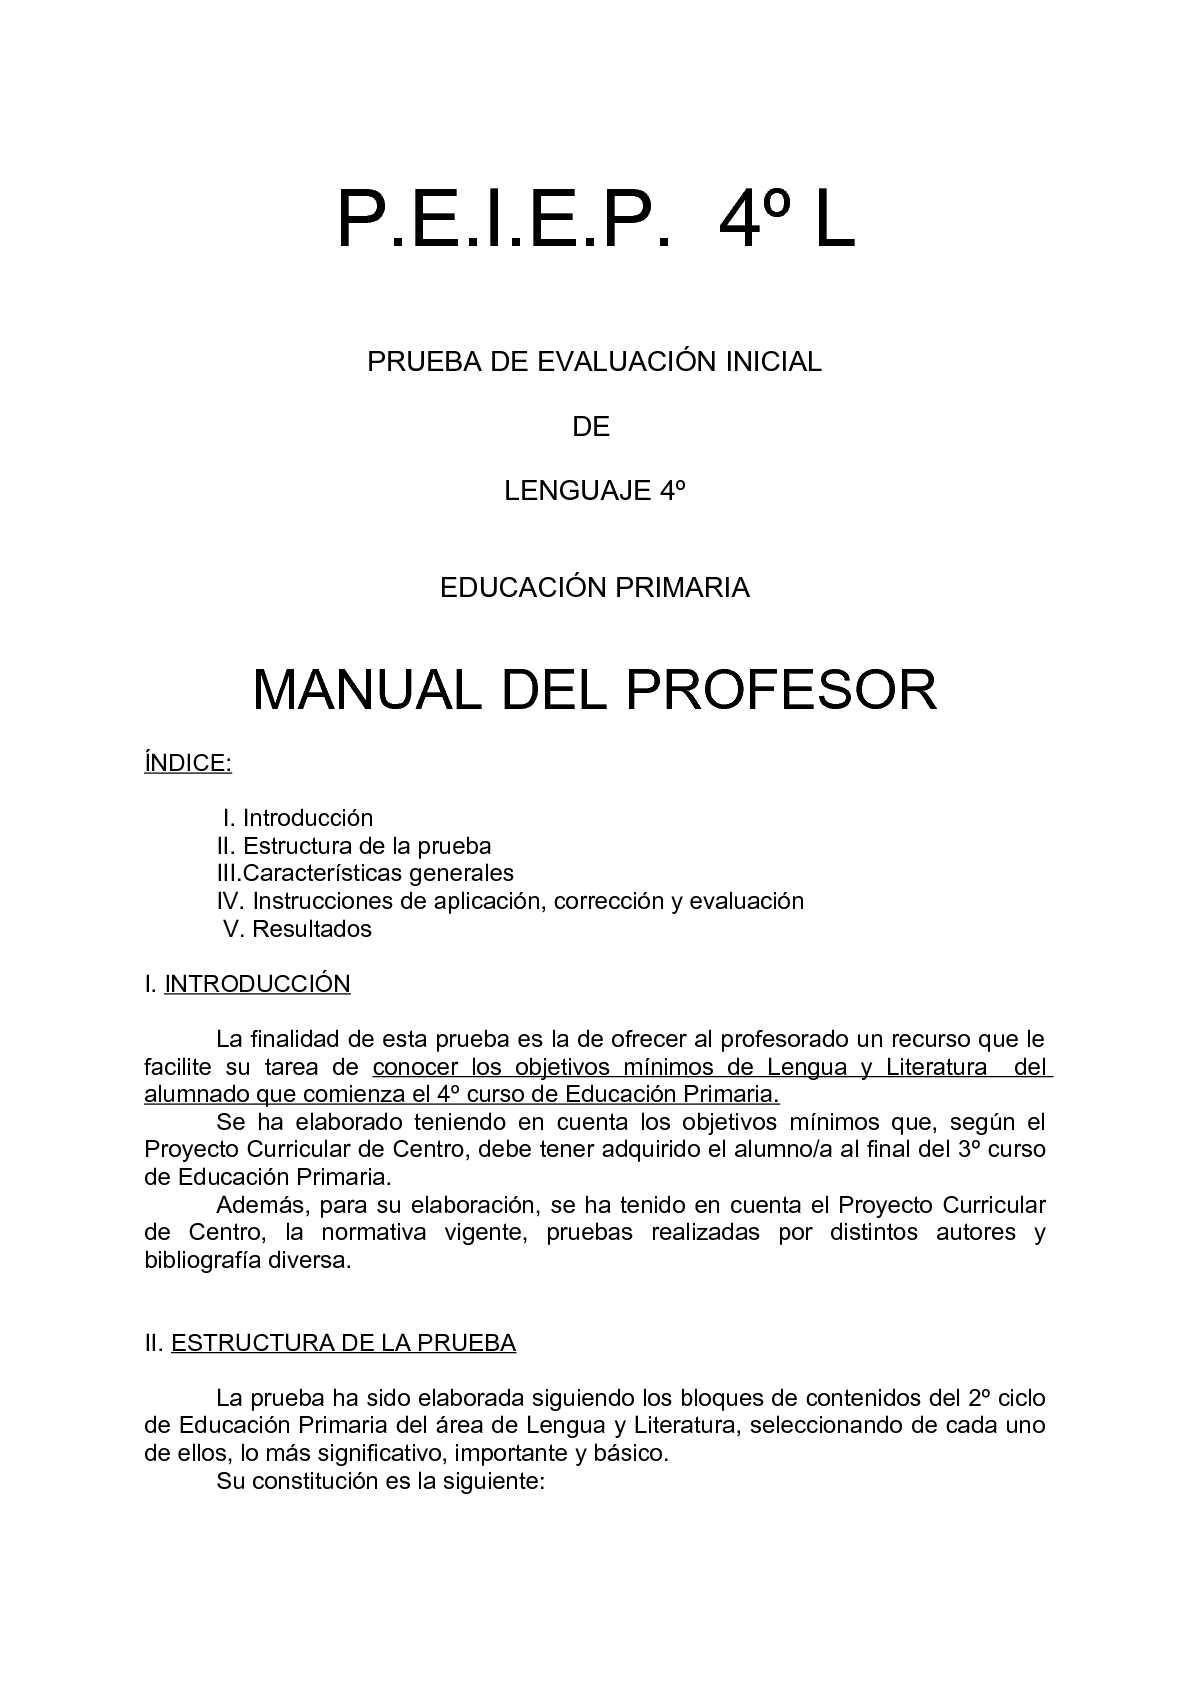 Evaluación Inicial de 4º de Educación Primaria de Lengua